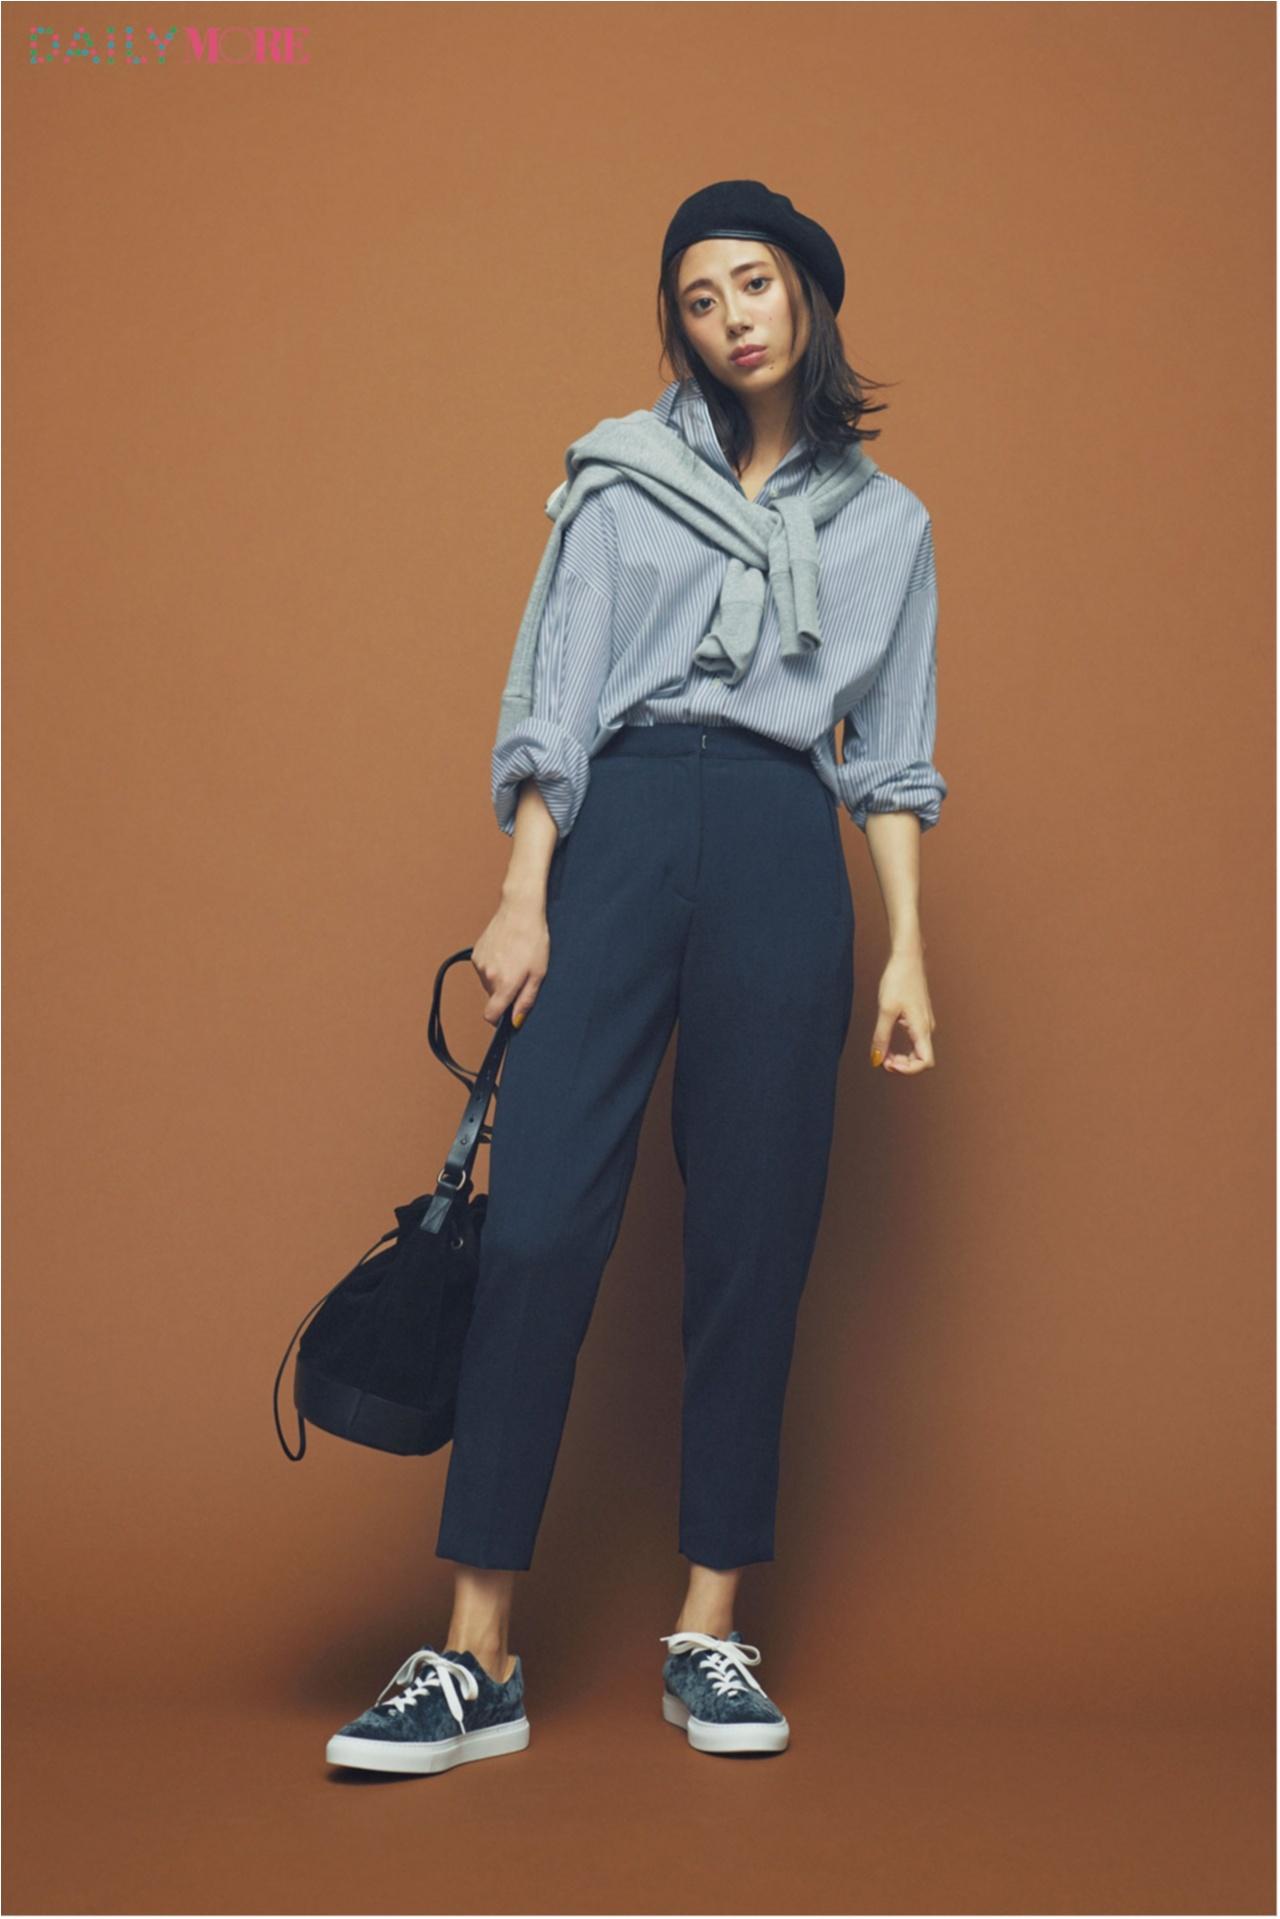 めっちゃ細く見える『GU』のスカート&めっちゃ脚長に見える『リムアーク』のパンツ、スタイルアップテーマが大人気☆ 今週のファッション人気ランキングトップ3!_1_1